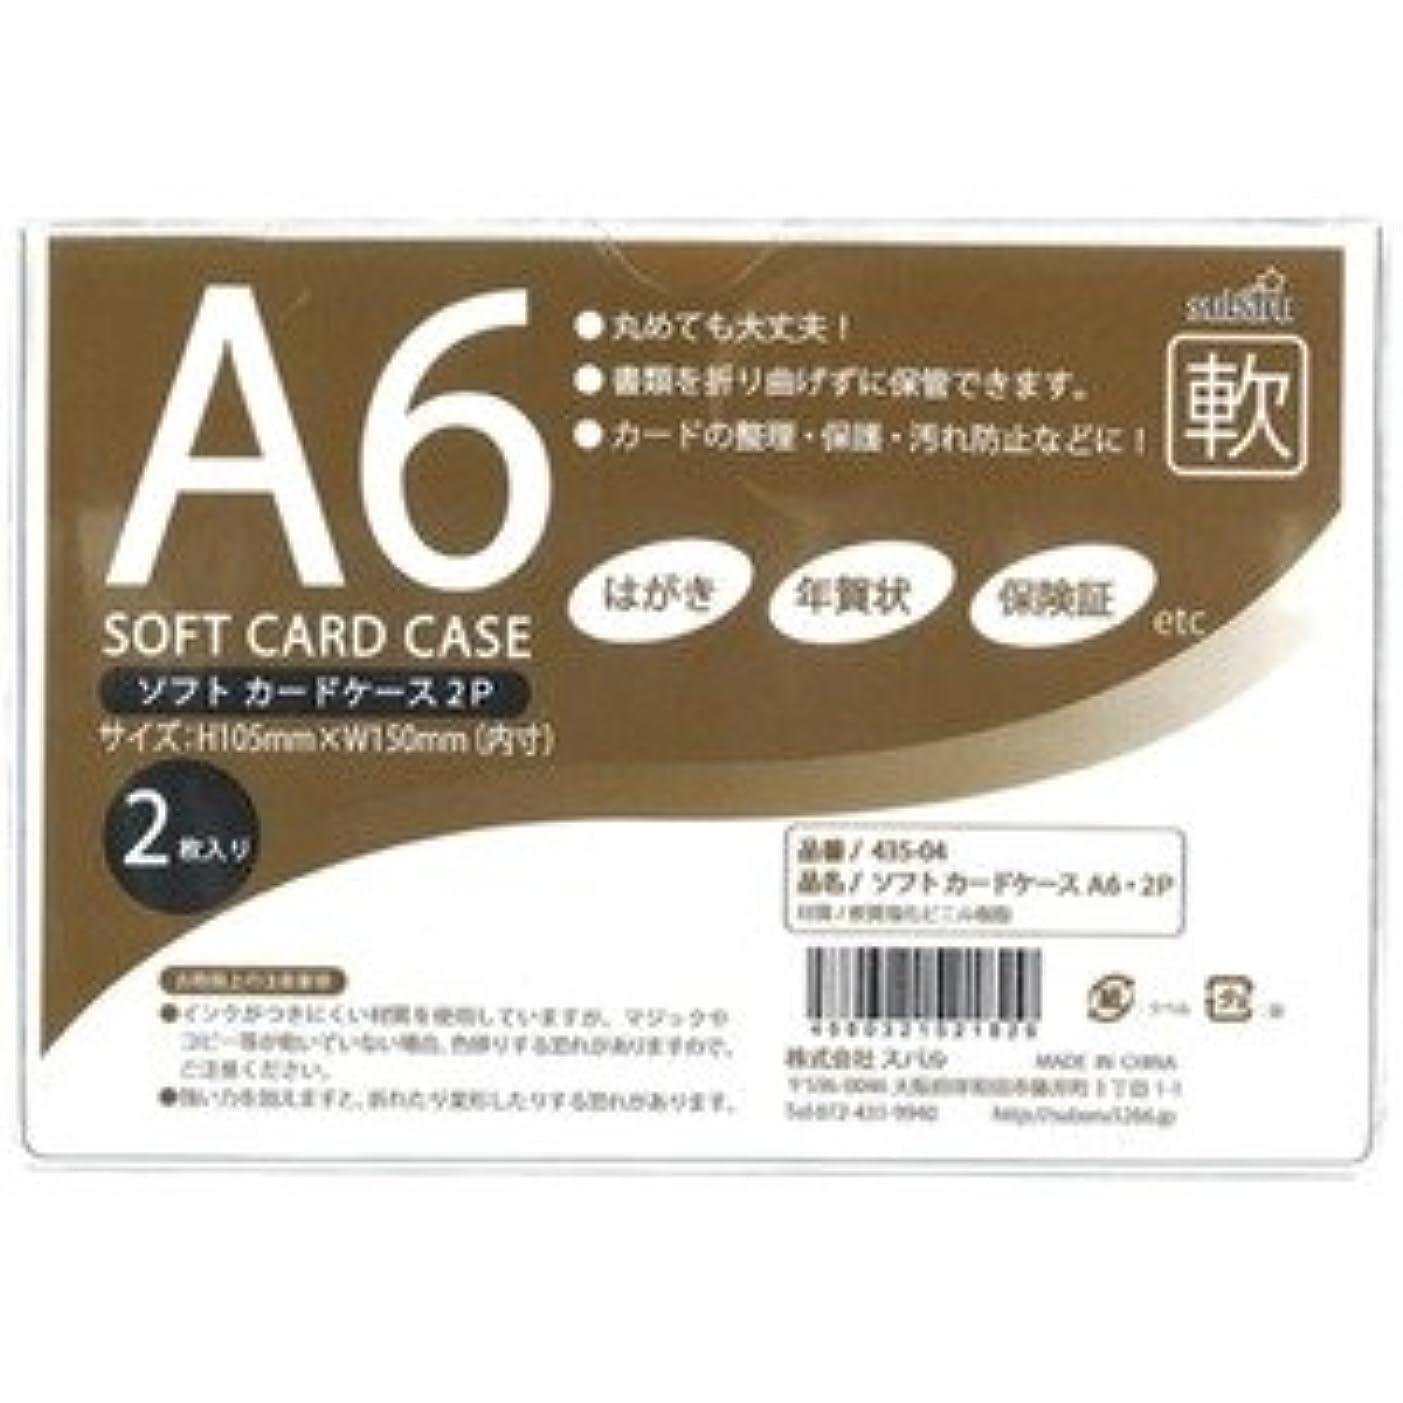 スリーブ縞模様の複雑なソフトカードケースA6?2P【12個セット】 435-04